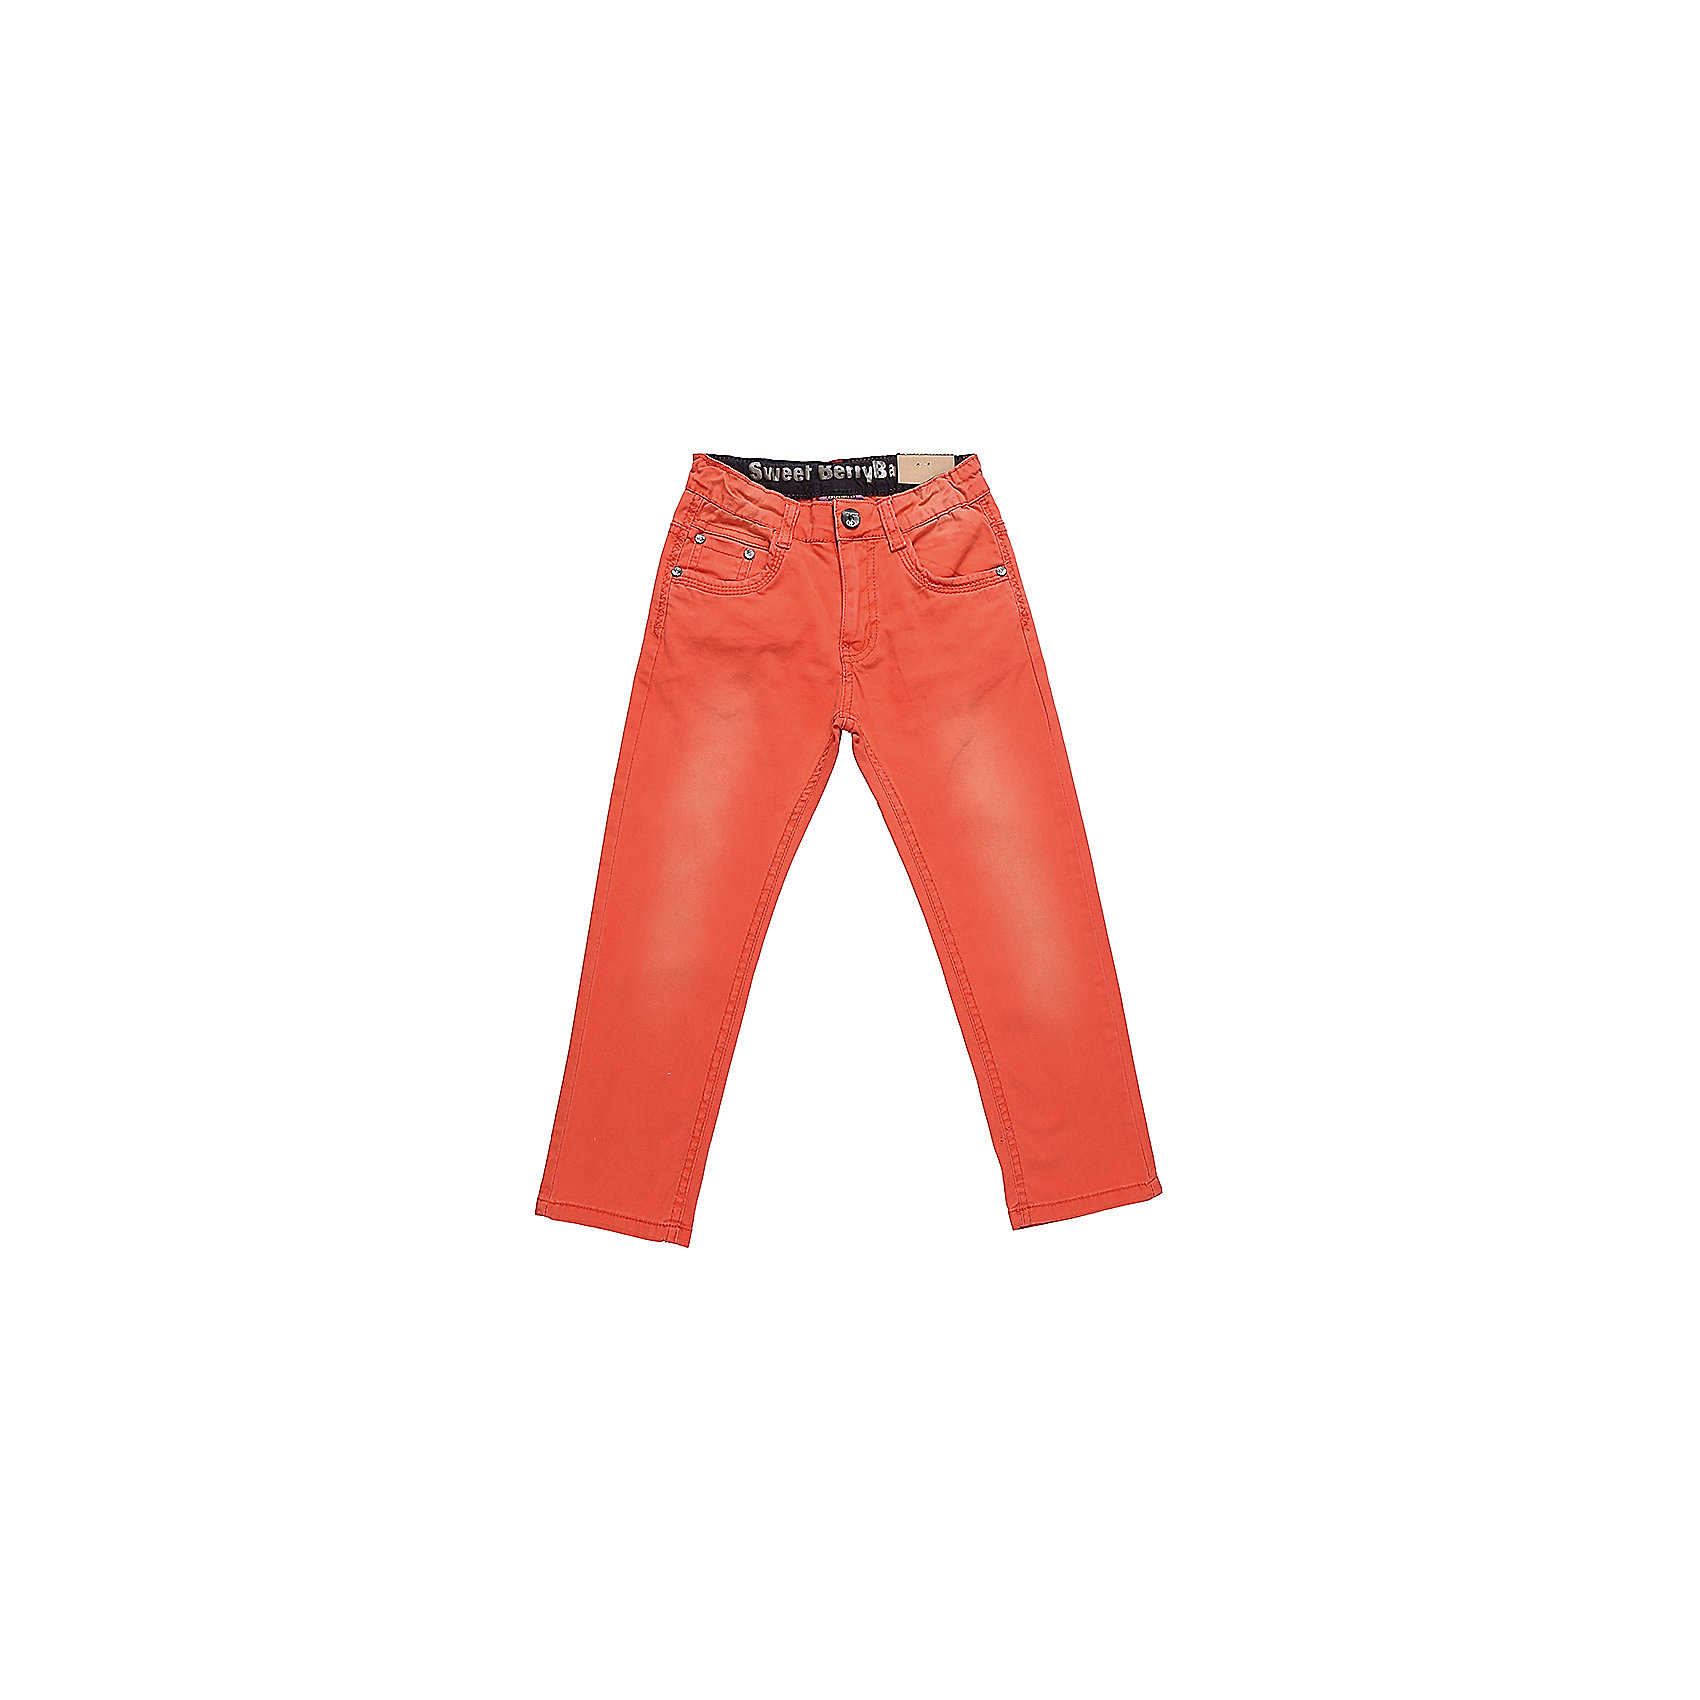 Джинсы для мальчика Sweet BerryДжинсовая одежда<br>Яркие джинсы  для мальчика. Зауженный крой, средняя посадка. Застегиваются на молнию и пуговицу. Шлевки на поясе рассчитаны под ремень. В боковой части пояса находятся вшитые эластичные ленты, регулирующие посадку по талии.<br>Состав:<br>98%хлопок 2%эластан<br><br>Ширина мм: 215<br>Глубина мм: 88<br>Высота мм: 191<br>Вес г: 336<br>Цвет: оранжевый<br>Возраст от месяцев: 36<br>Возраст до месяцев: 48<br>Пол: Мужской<br>Возраст: Детский<br>Размер: 104,128,98,110,116,122<br>SKU: 5410449